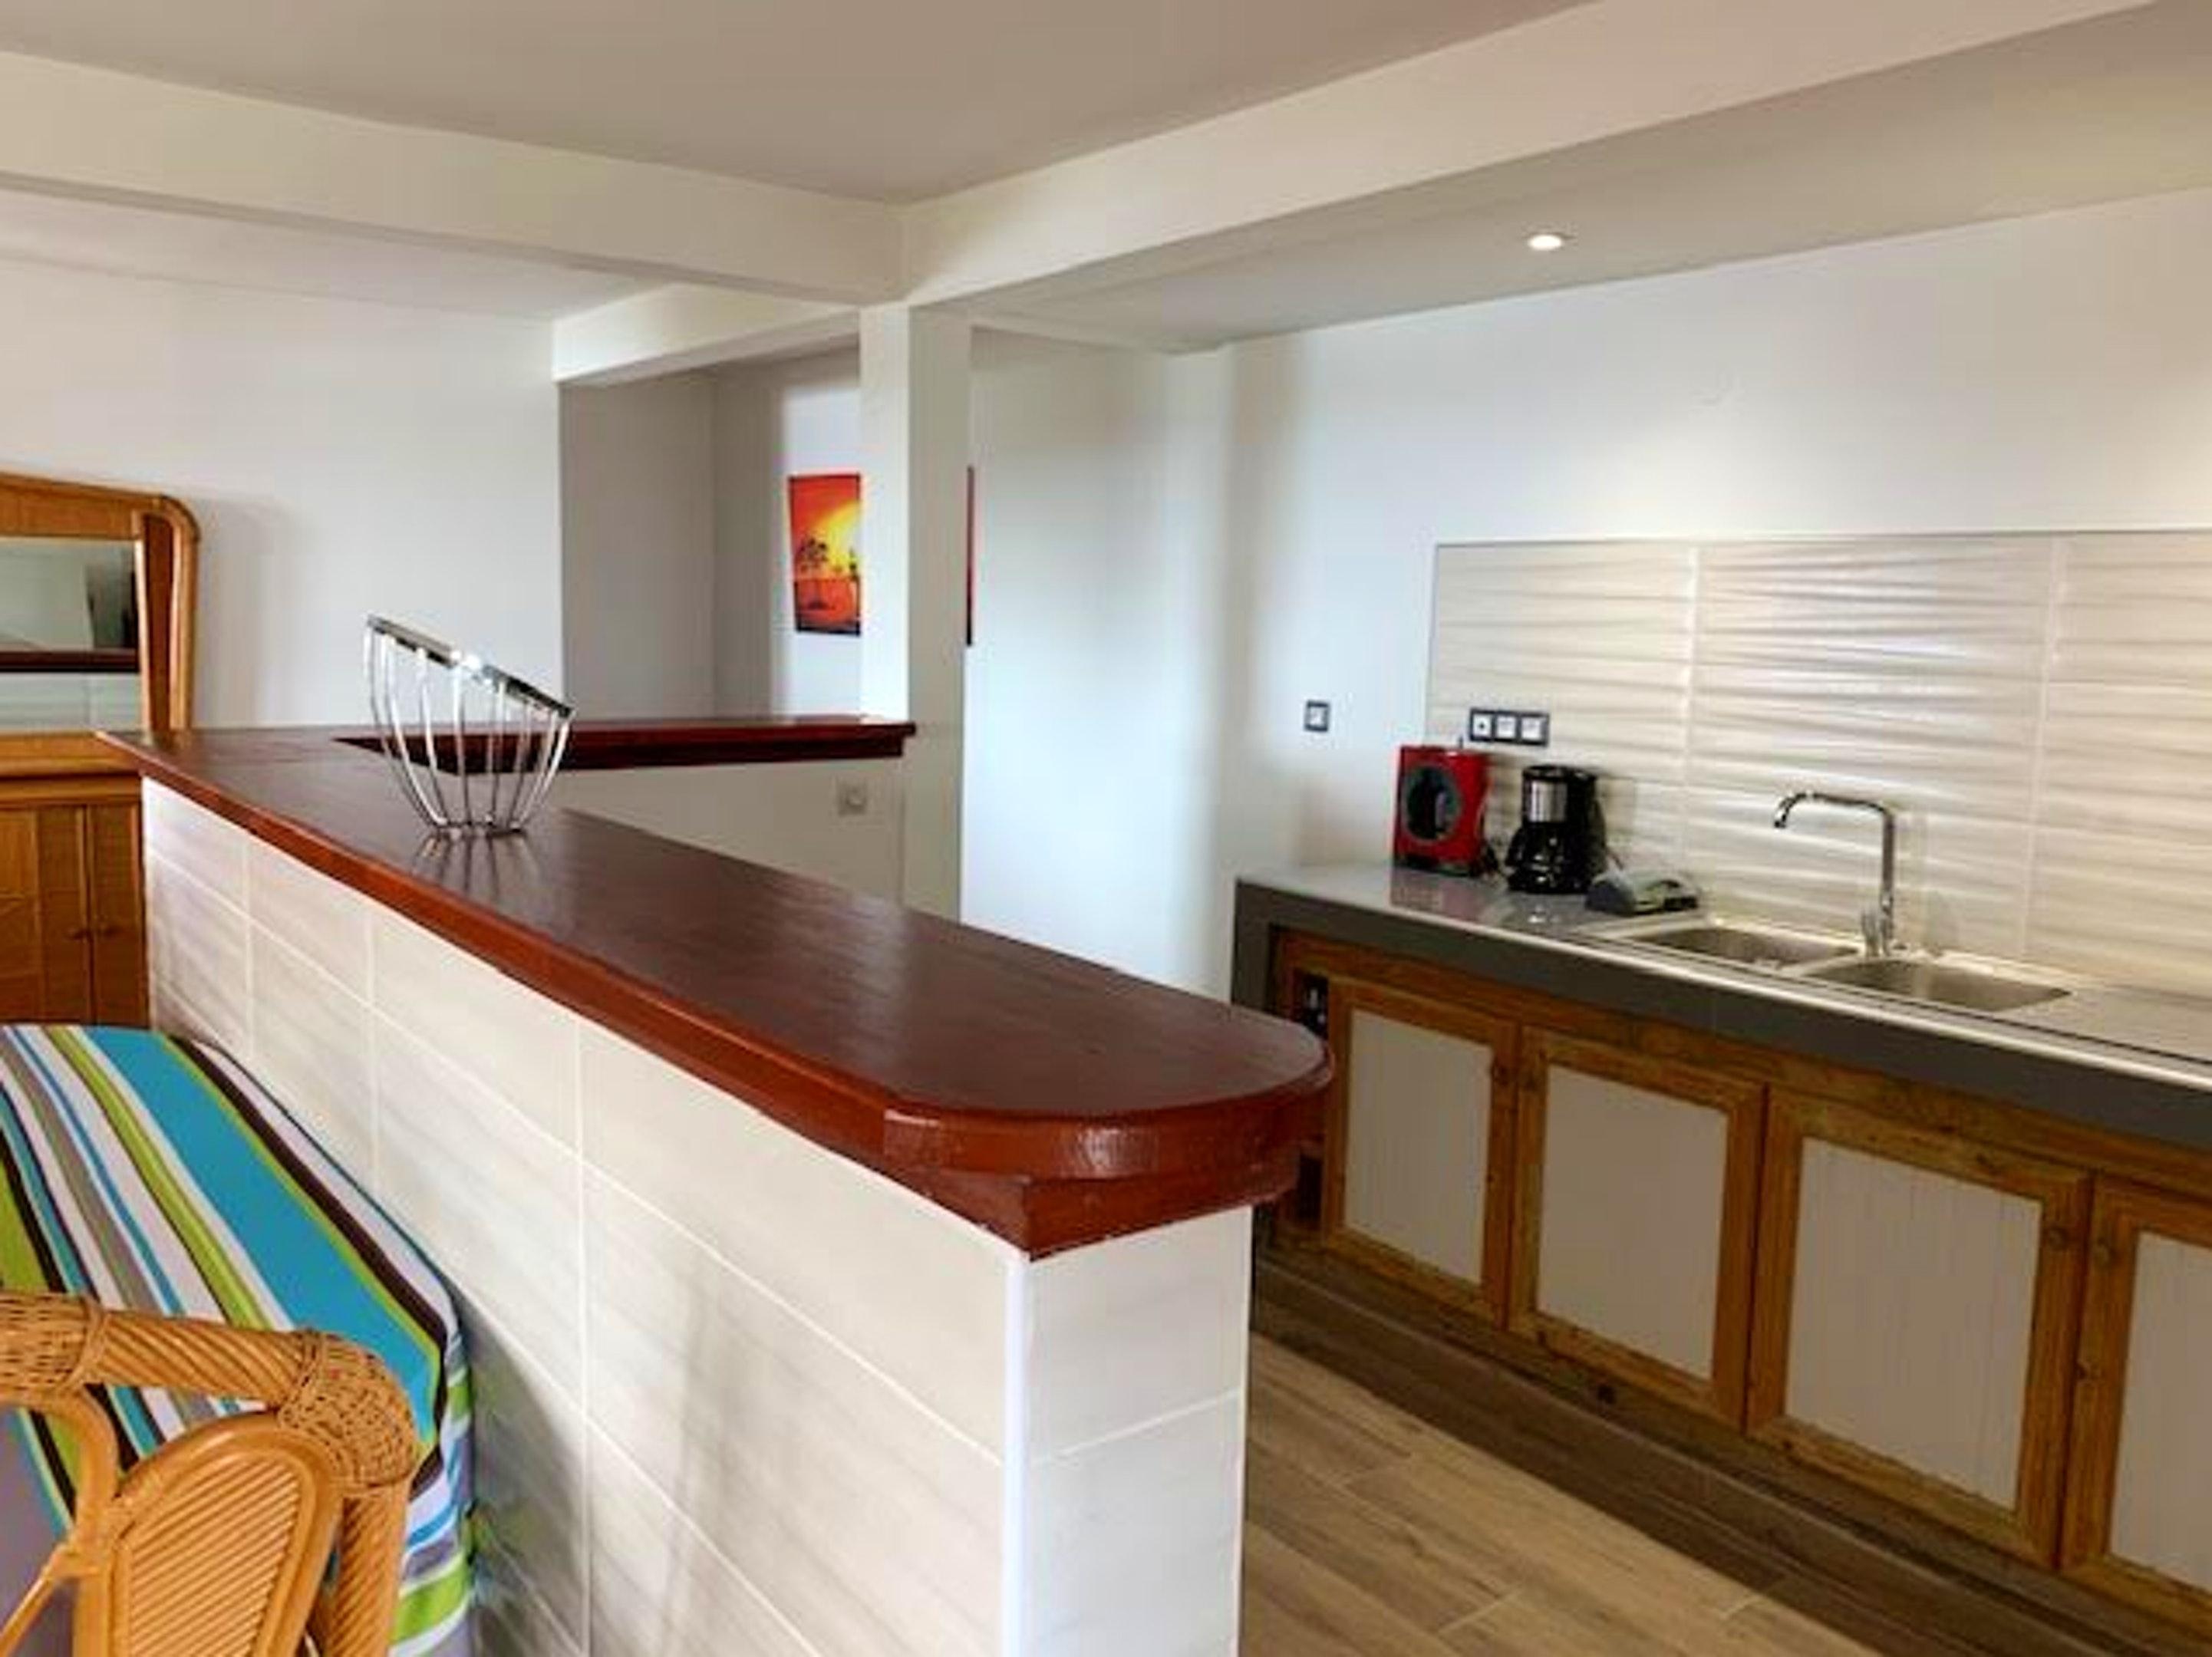 Ferienwohnung Wohnung mit 2 Schlafzimmern in Le Marin mit herrlichem Meerblick, eingezäuntem Garten und  (2732957), Le Marin, Le Marin, Martinique, Karibische Inseln, Bild 12